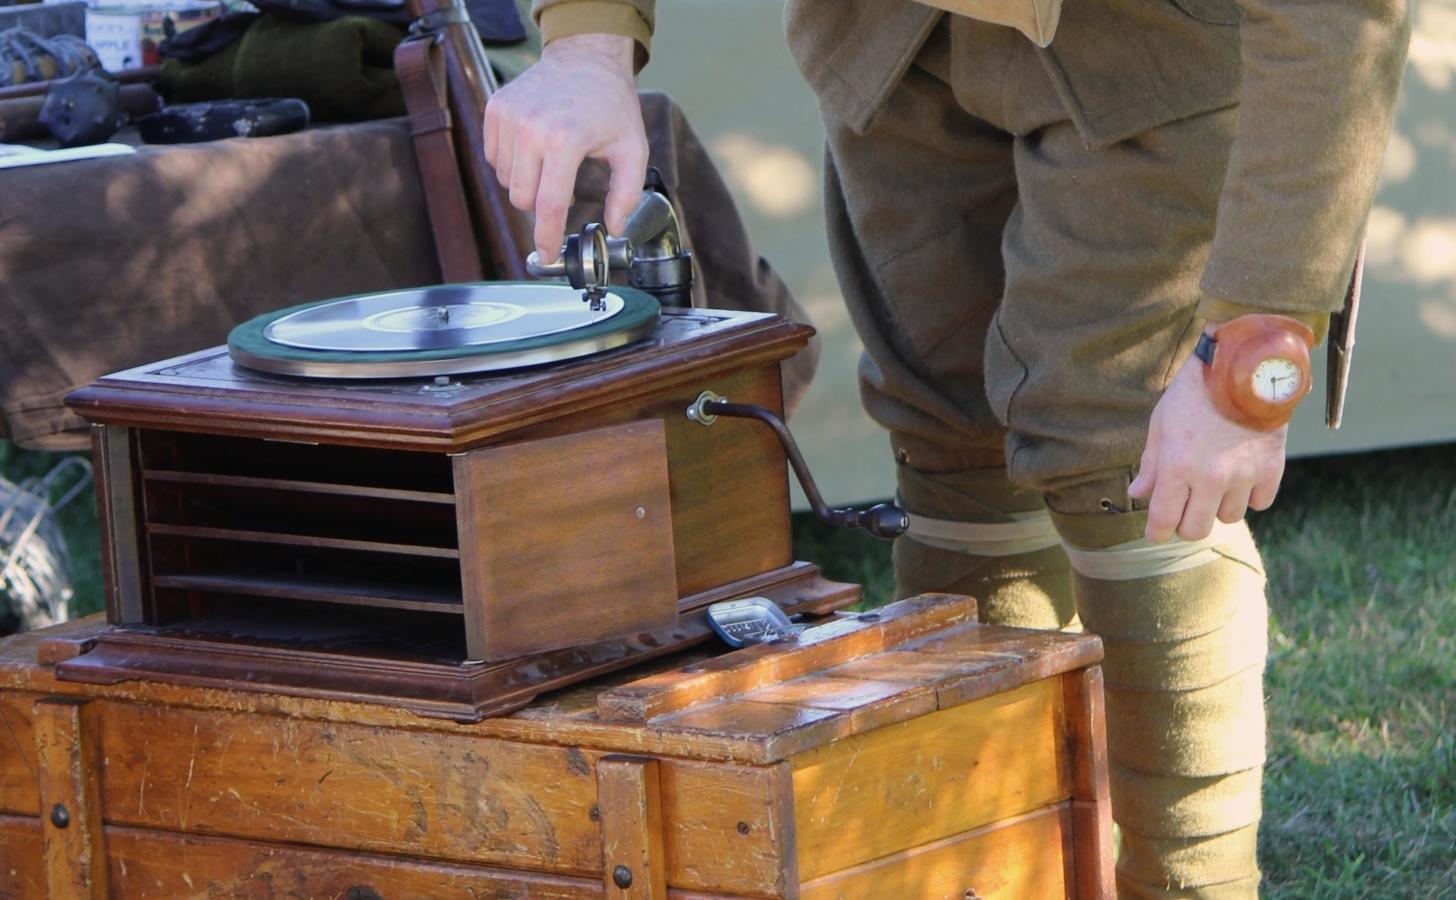 kurioser vintage Plattenspieler